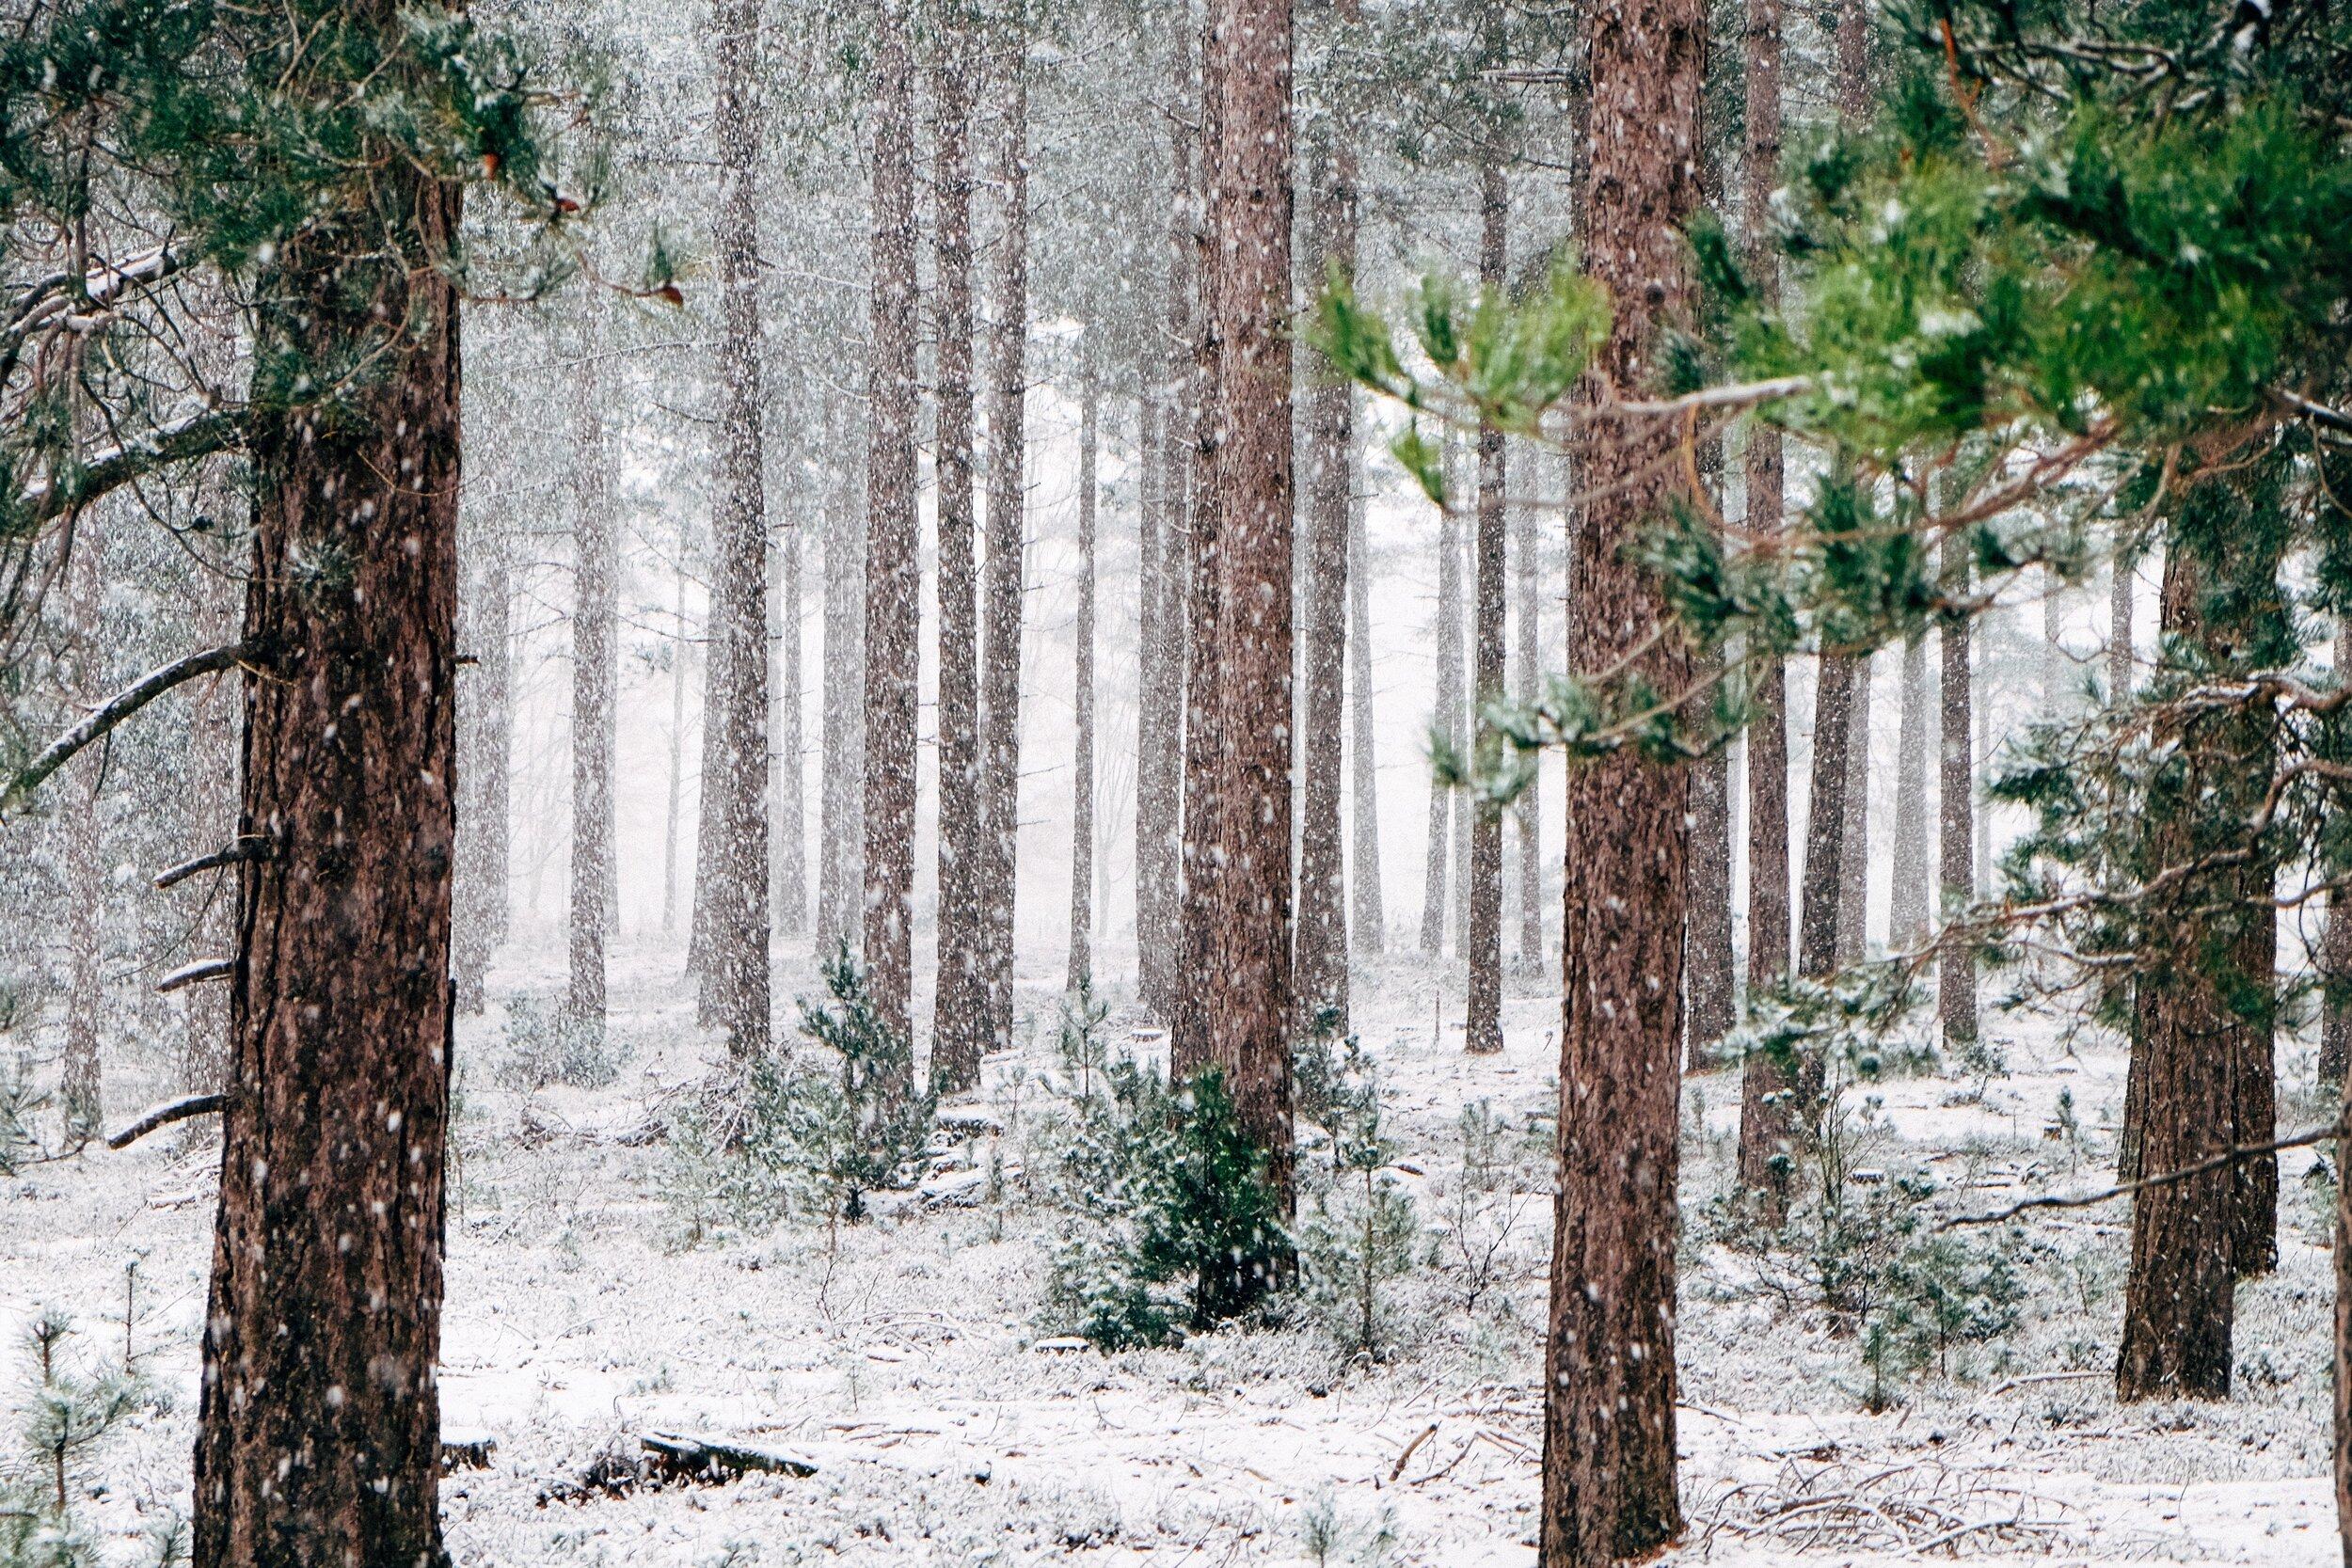 NarniaSnowyWoods.jpg